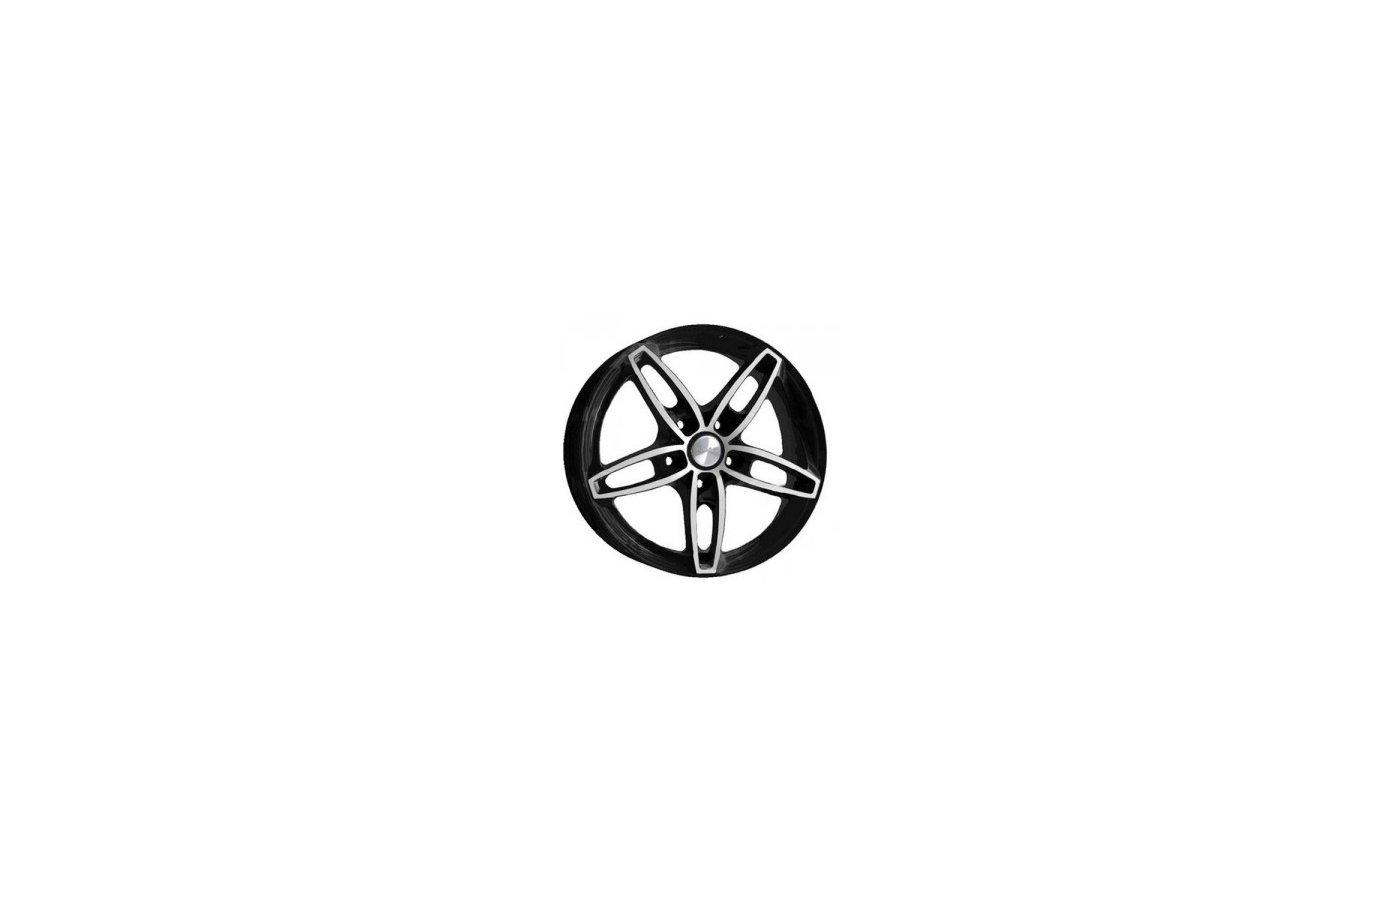 Диск Скад Турин 6.5x16/5x114.3 D67.1 ET45 Алмаз